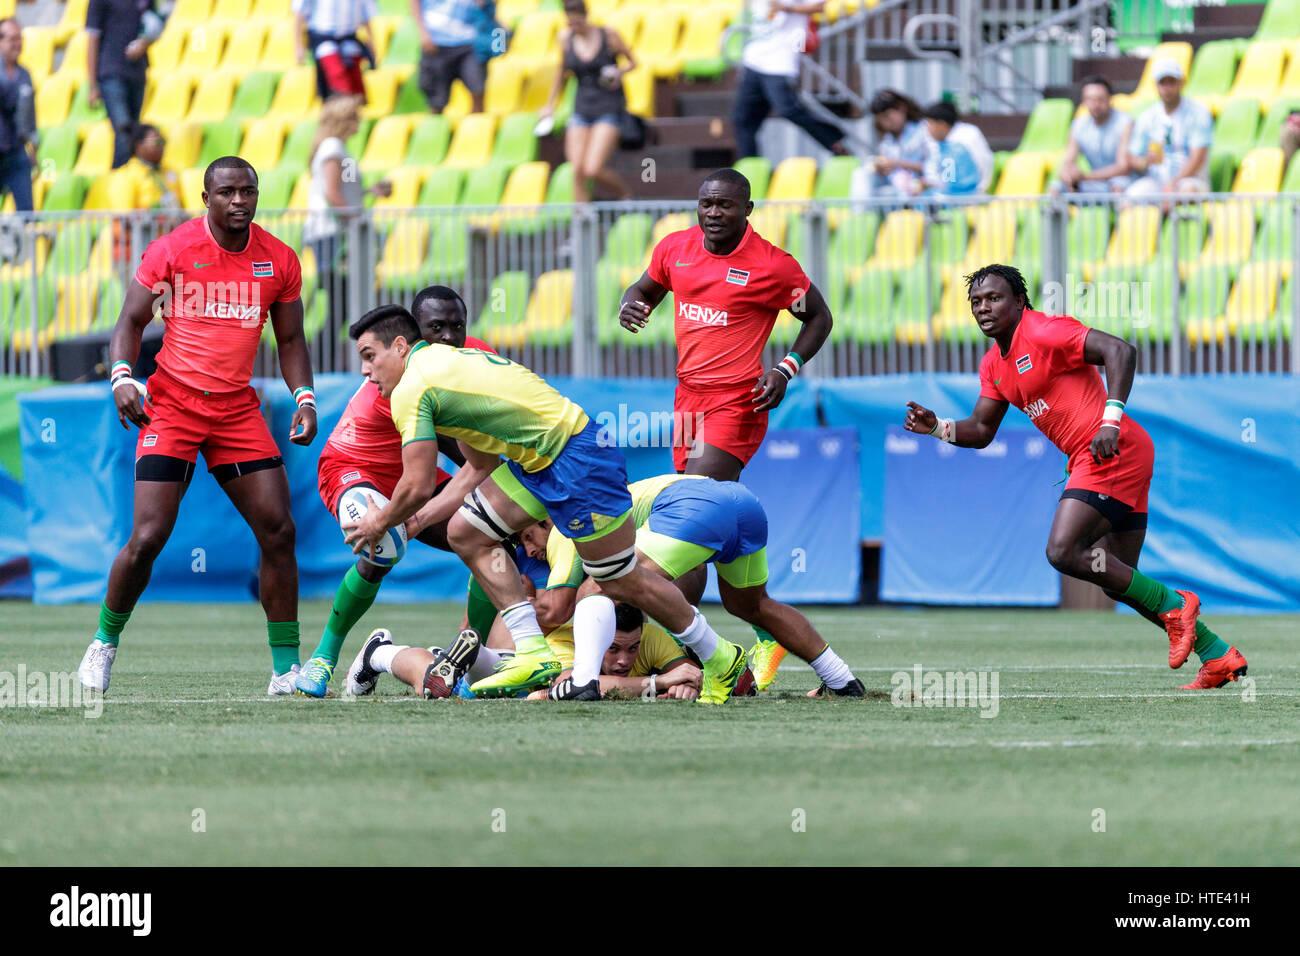 Rio de Janeiro, Brasile. 11 agosto 2016 Felipe Sancery (BRA) compete in uomini del Rugby Sevens in una partita contro Immagini Stock